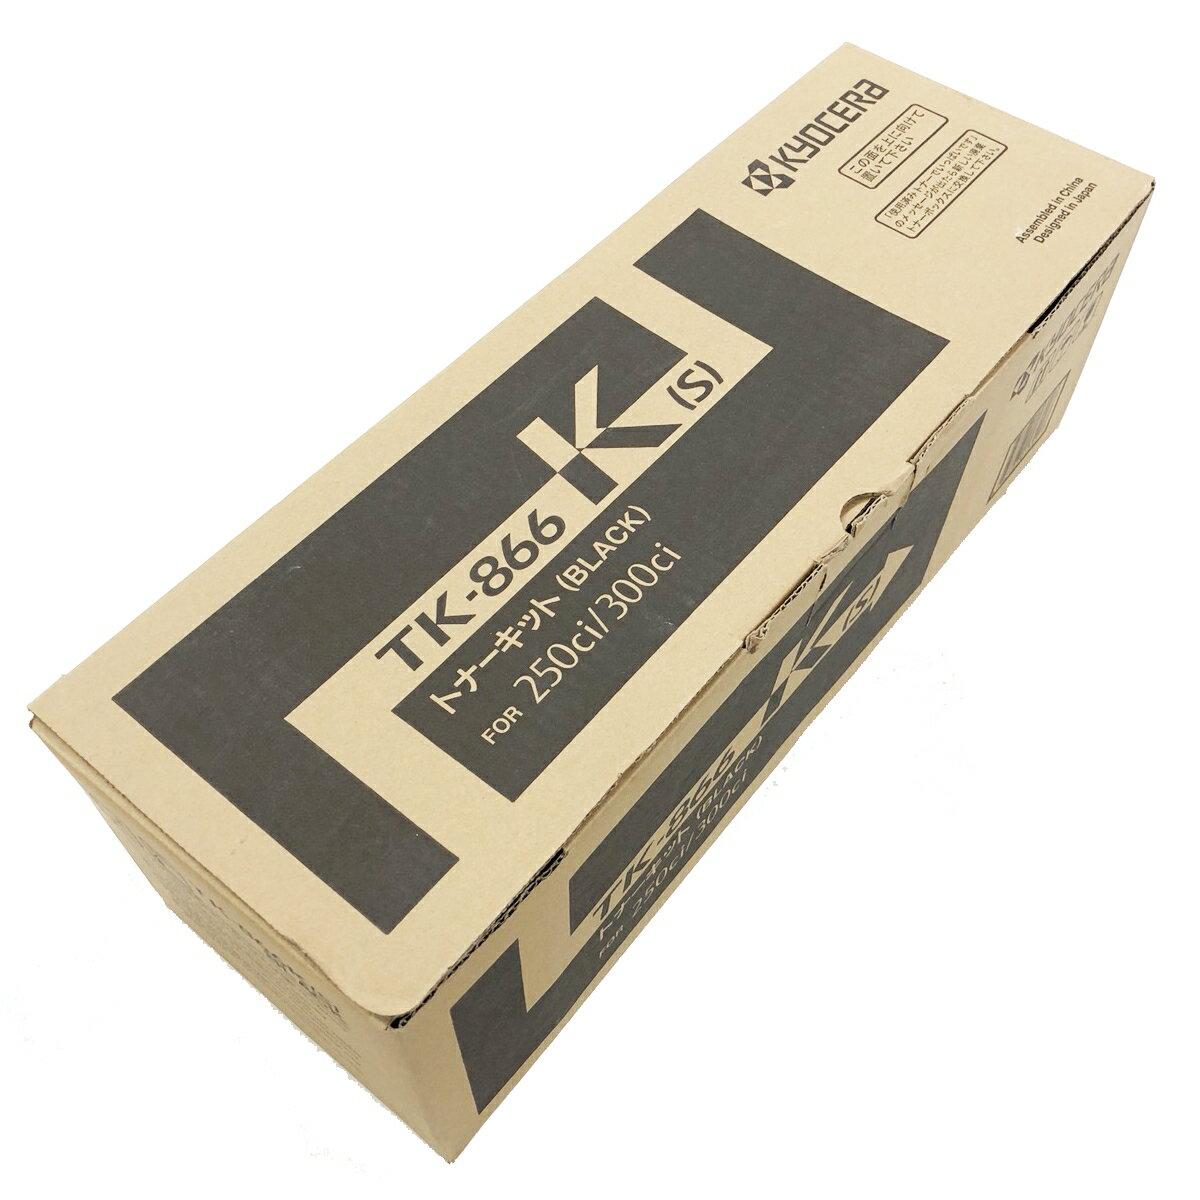 【法人様専用/お買い物マラソン限定ポイント10倍!】京セラ 国産純正 トナーカートリッジ TK-866(S) トナー(CMYK4本セット)  TASKalfa250ci / 300ci 対応